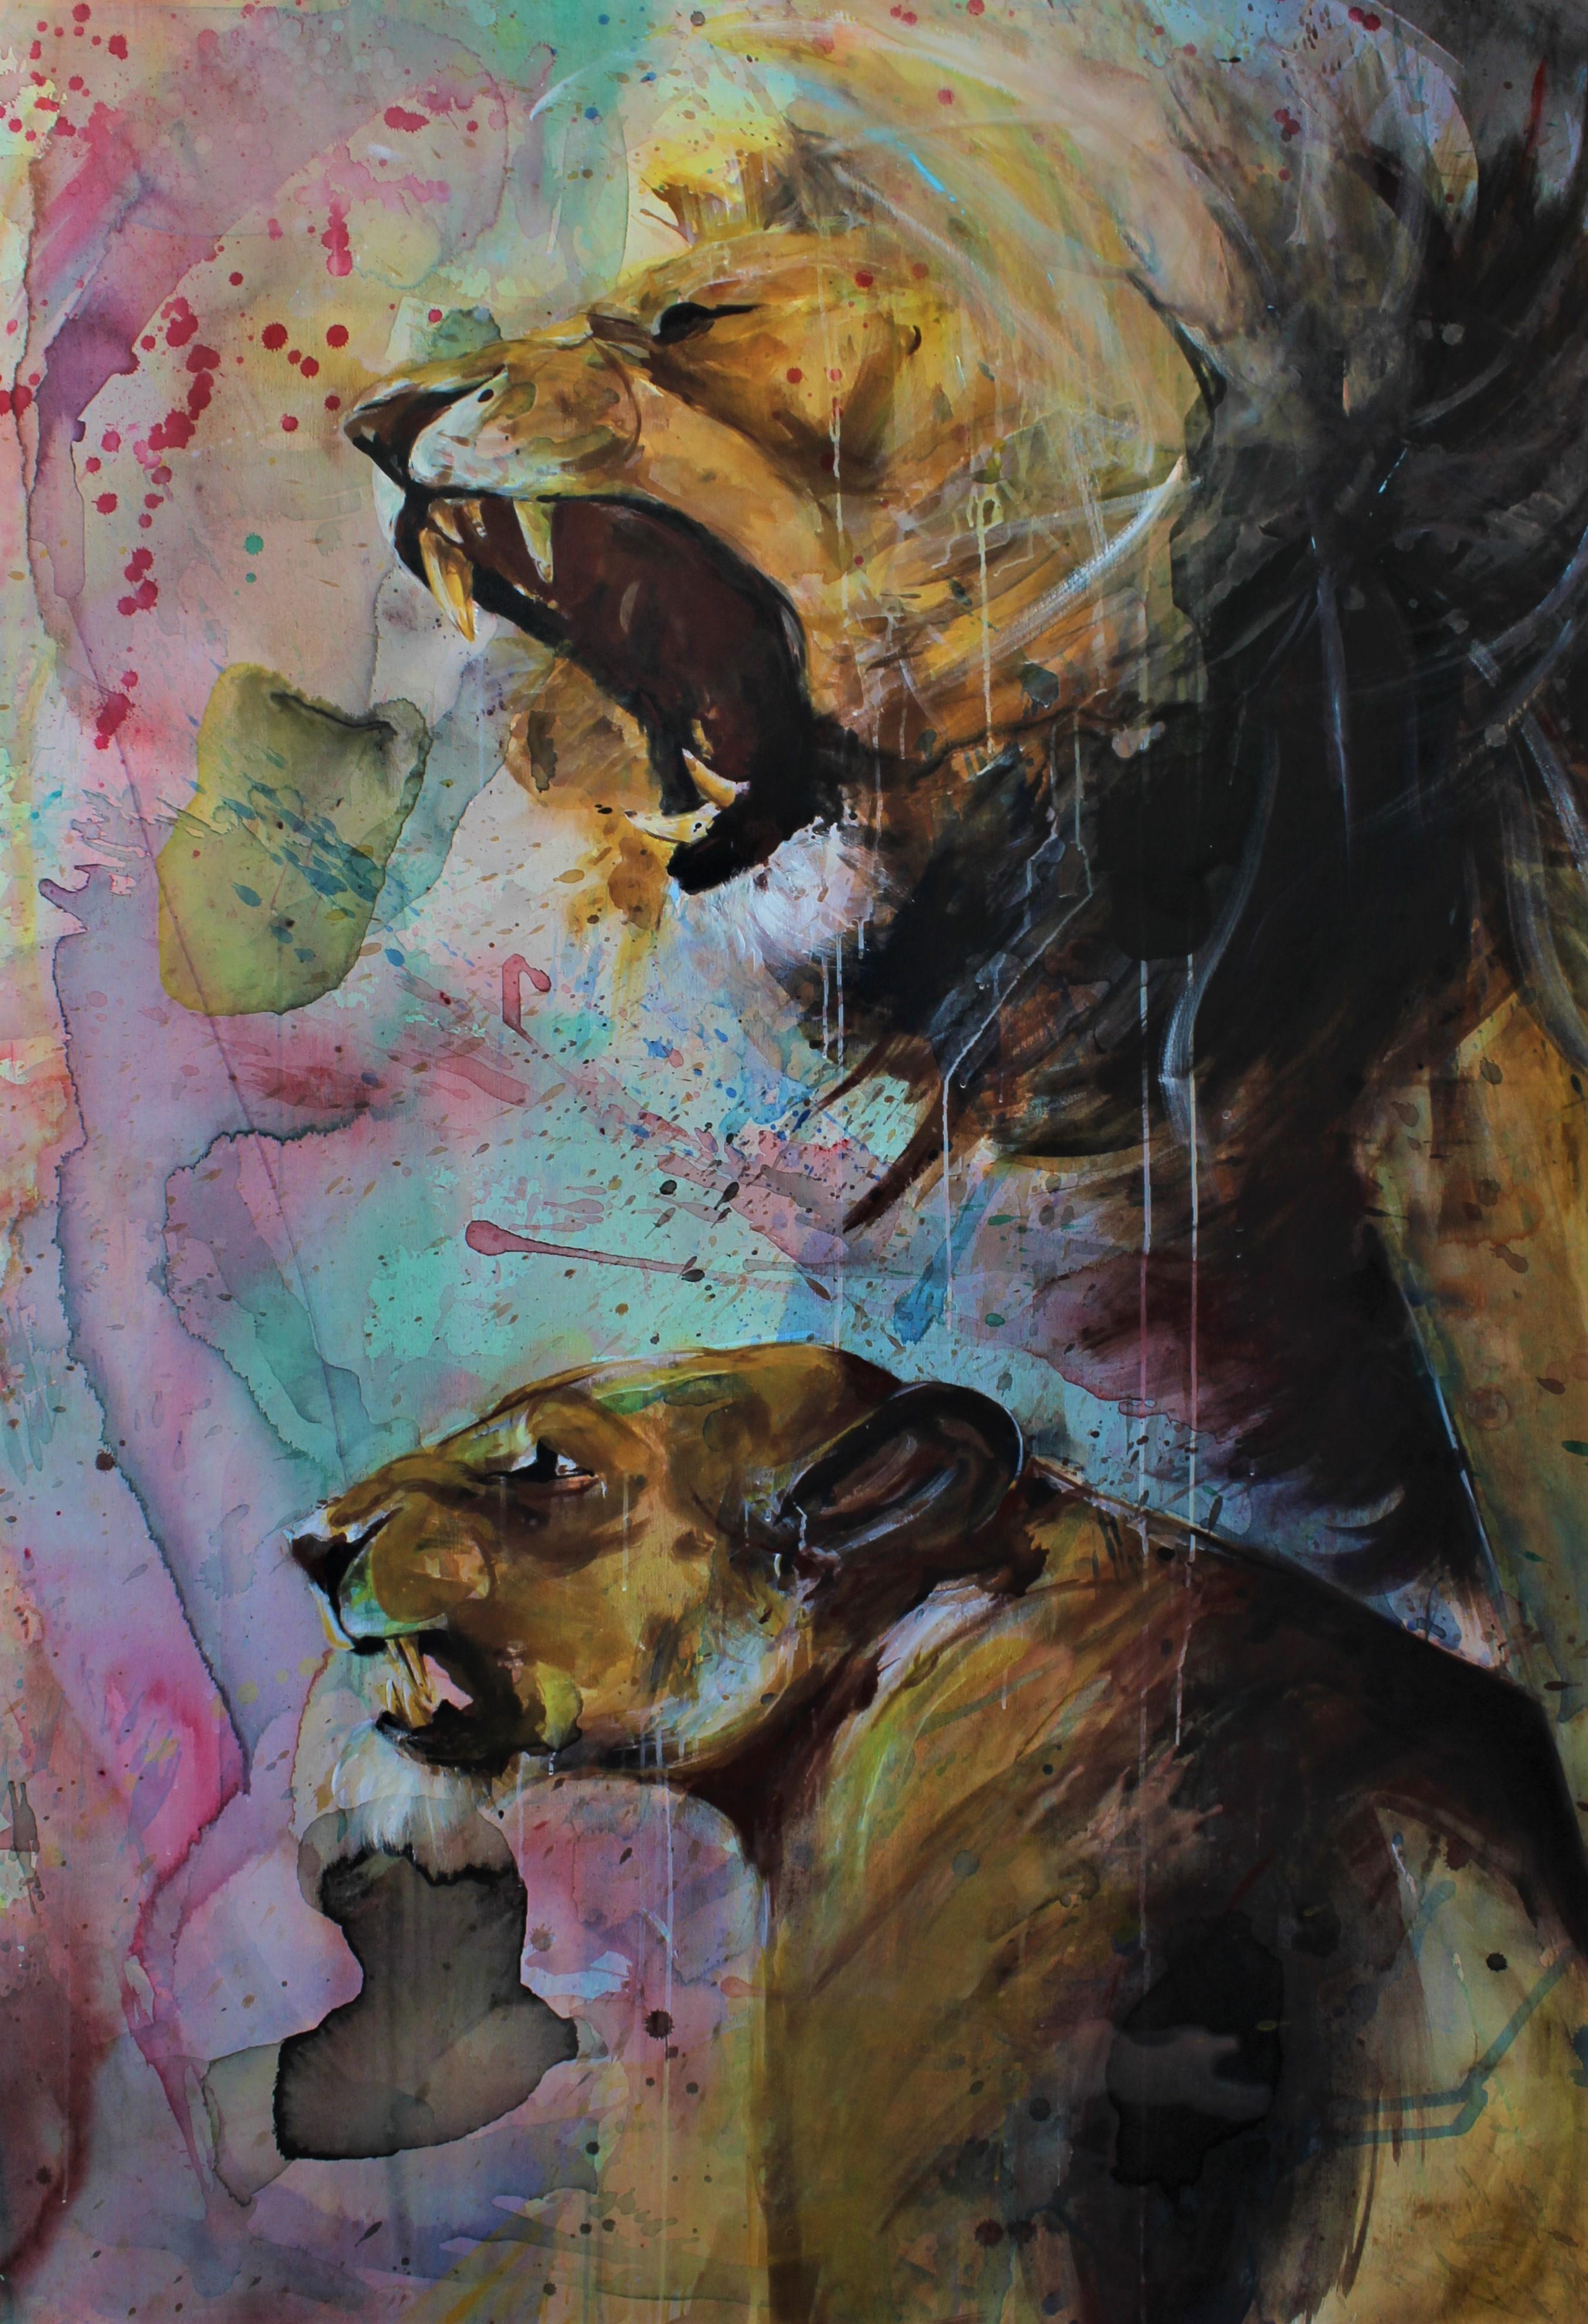 Sara Gutiérrez Melián, Díptico, 200 x 130 cm, óleo sobre lienzo. 2019